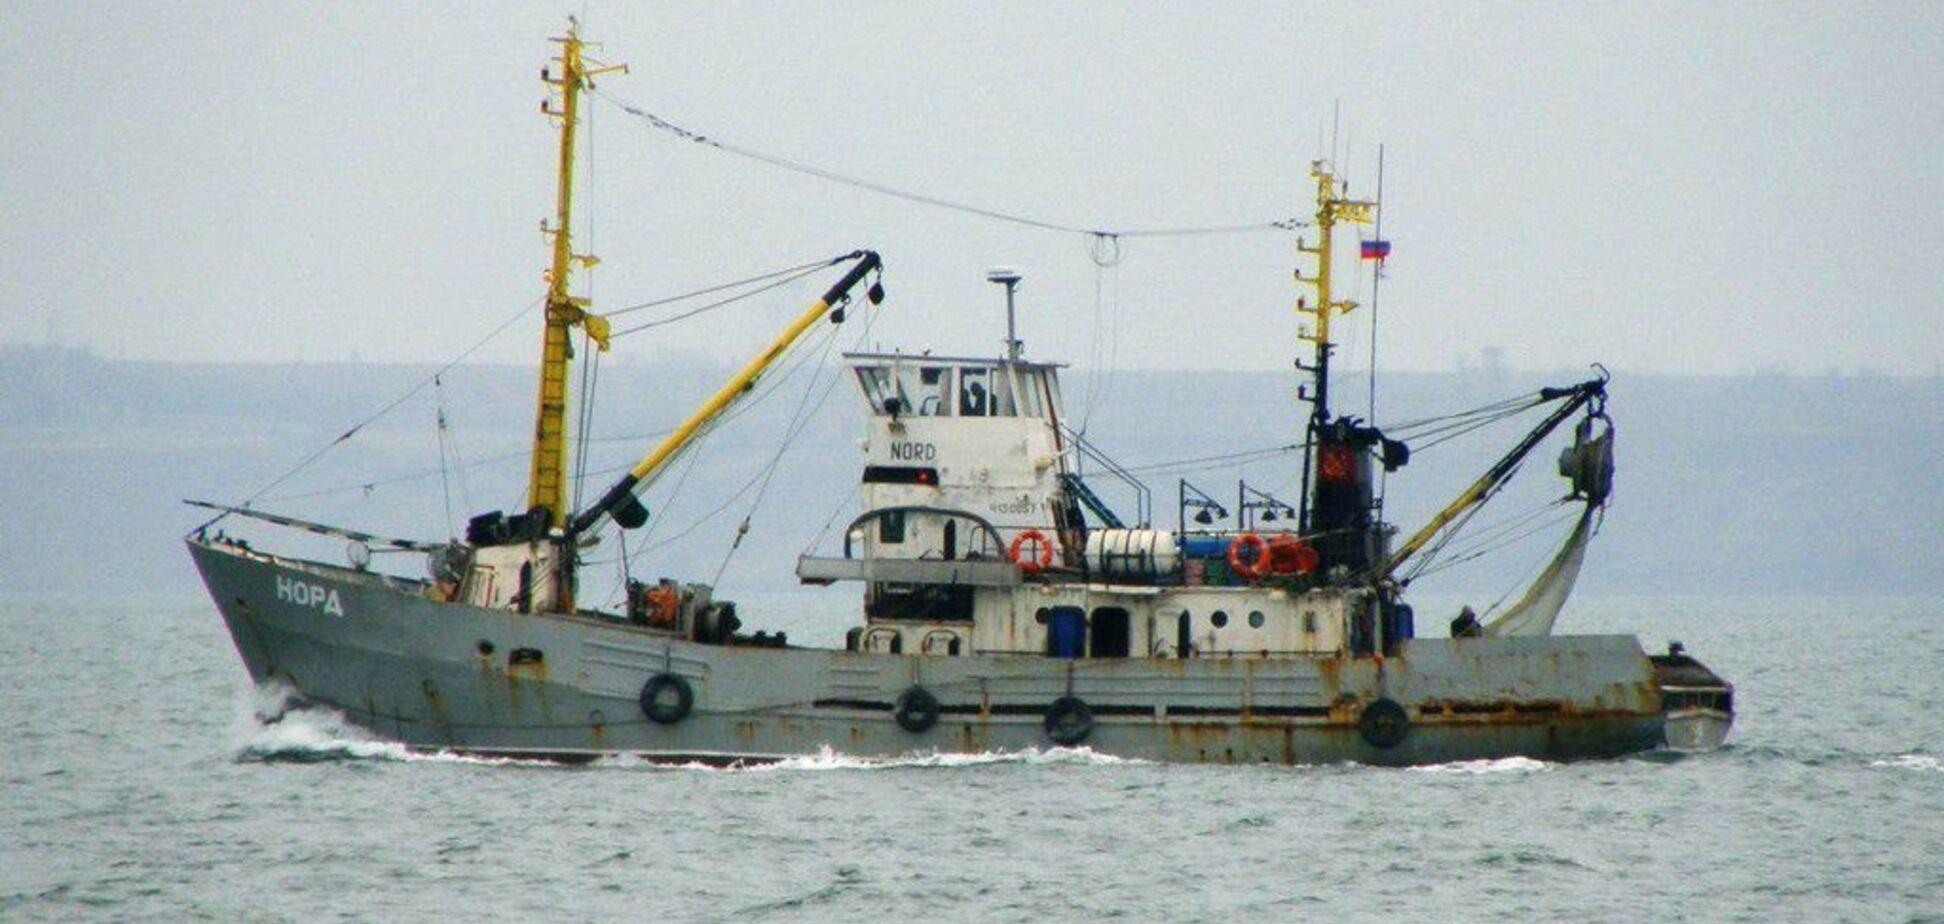 Окупанти заговорили про обмін моряків на українського капітана: що відомо